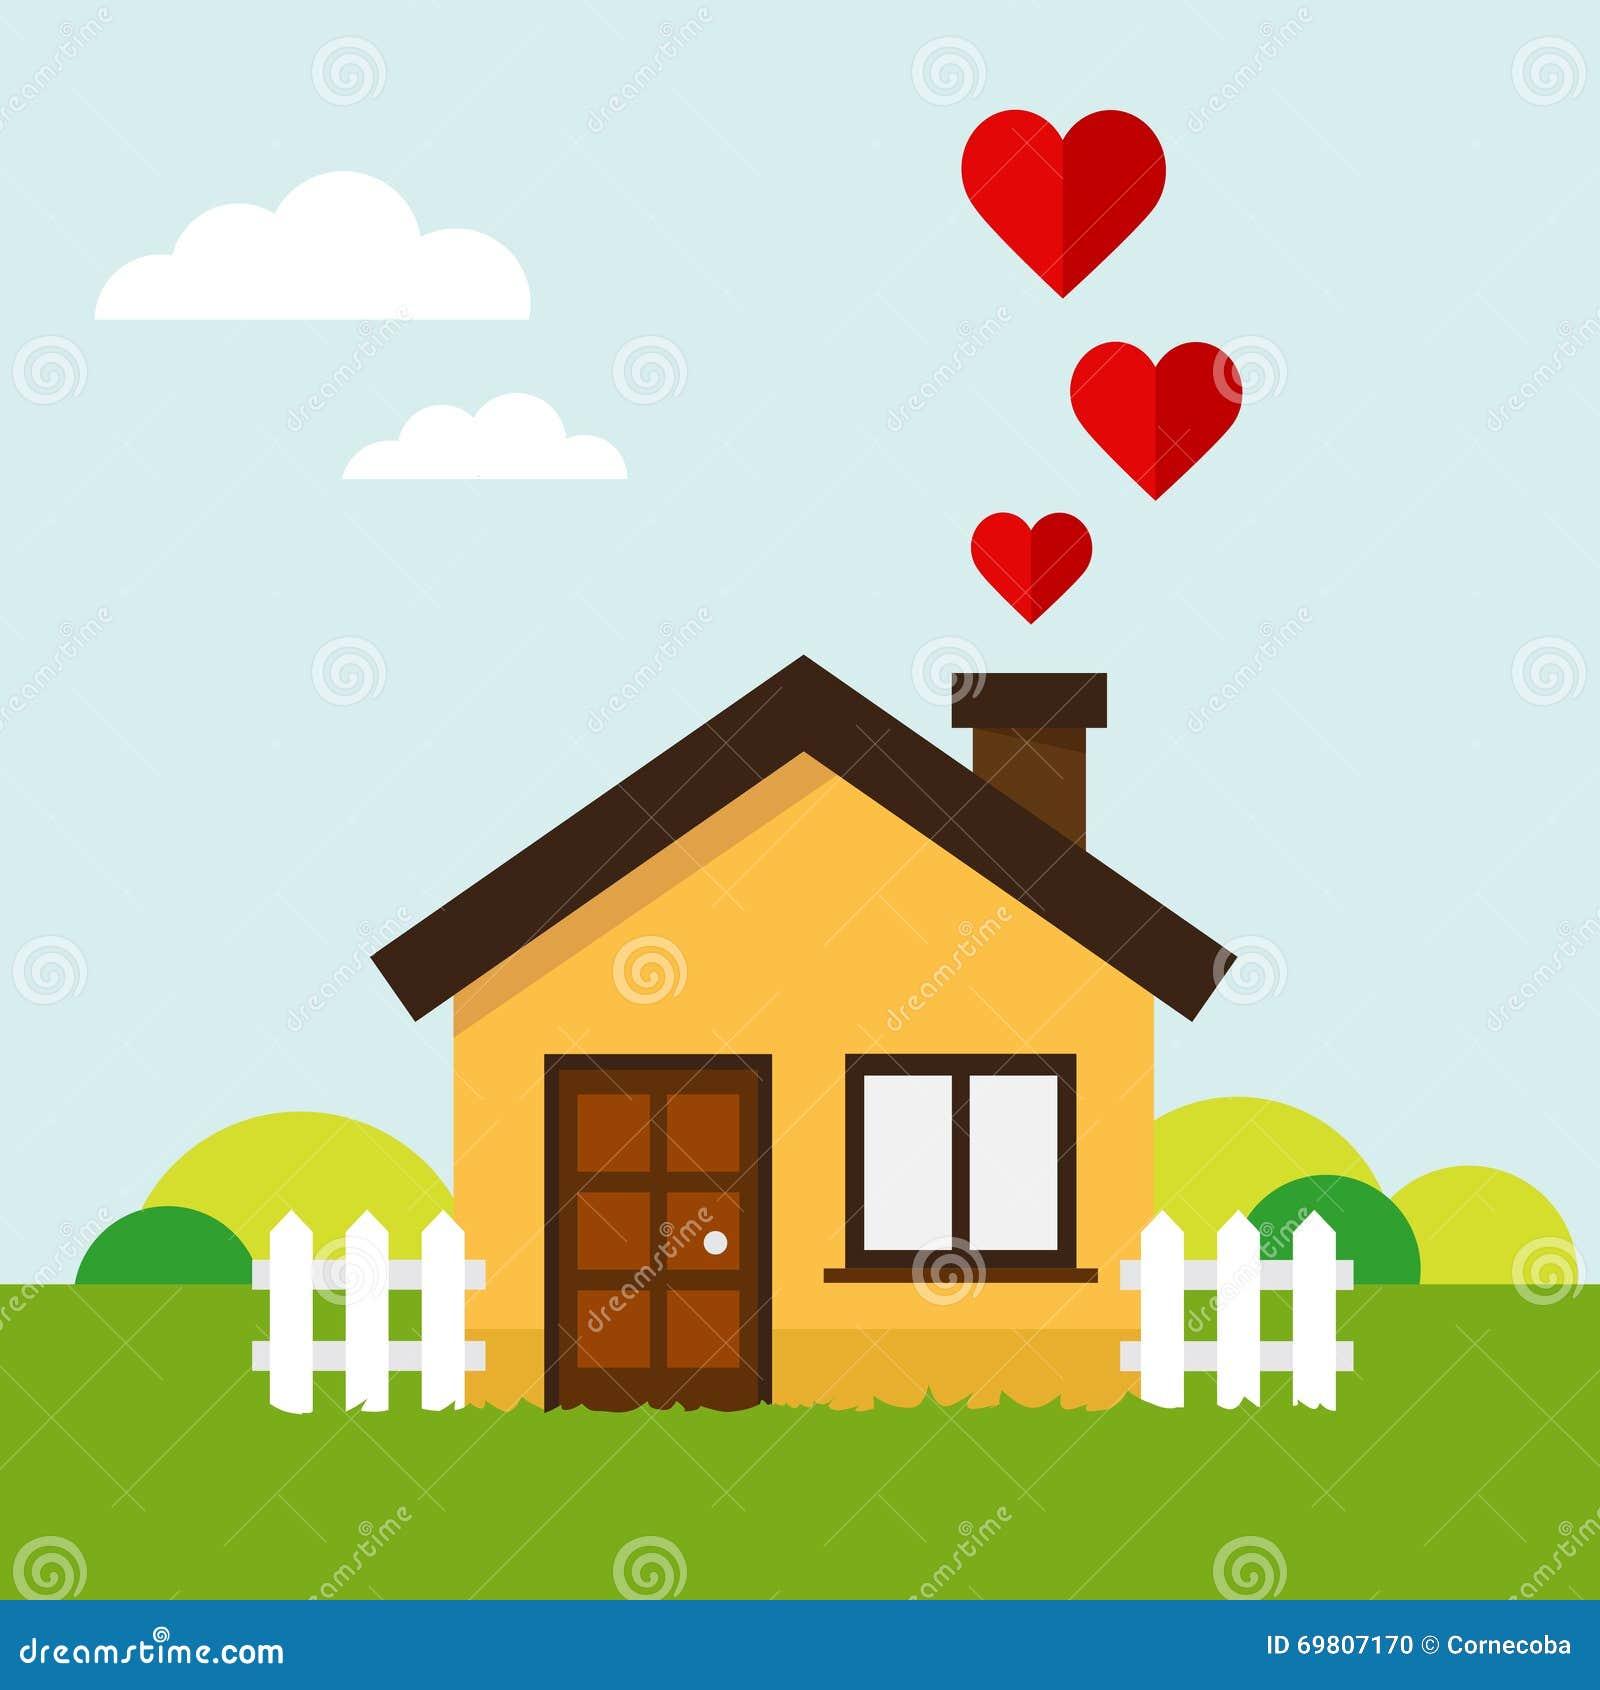 Love Heart House Stock Vector Illustration Of Energy